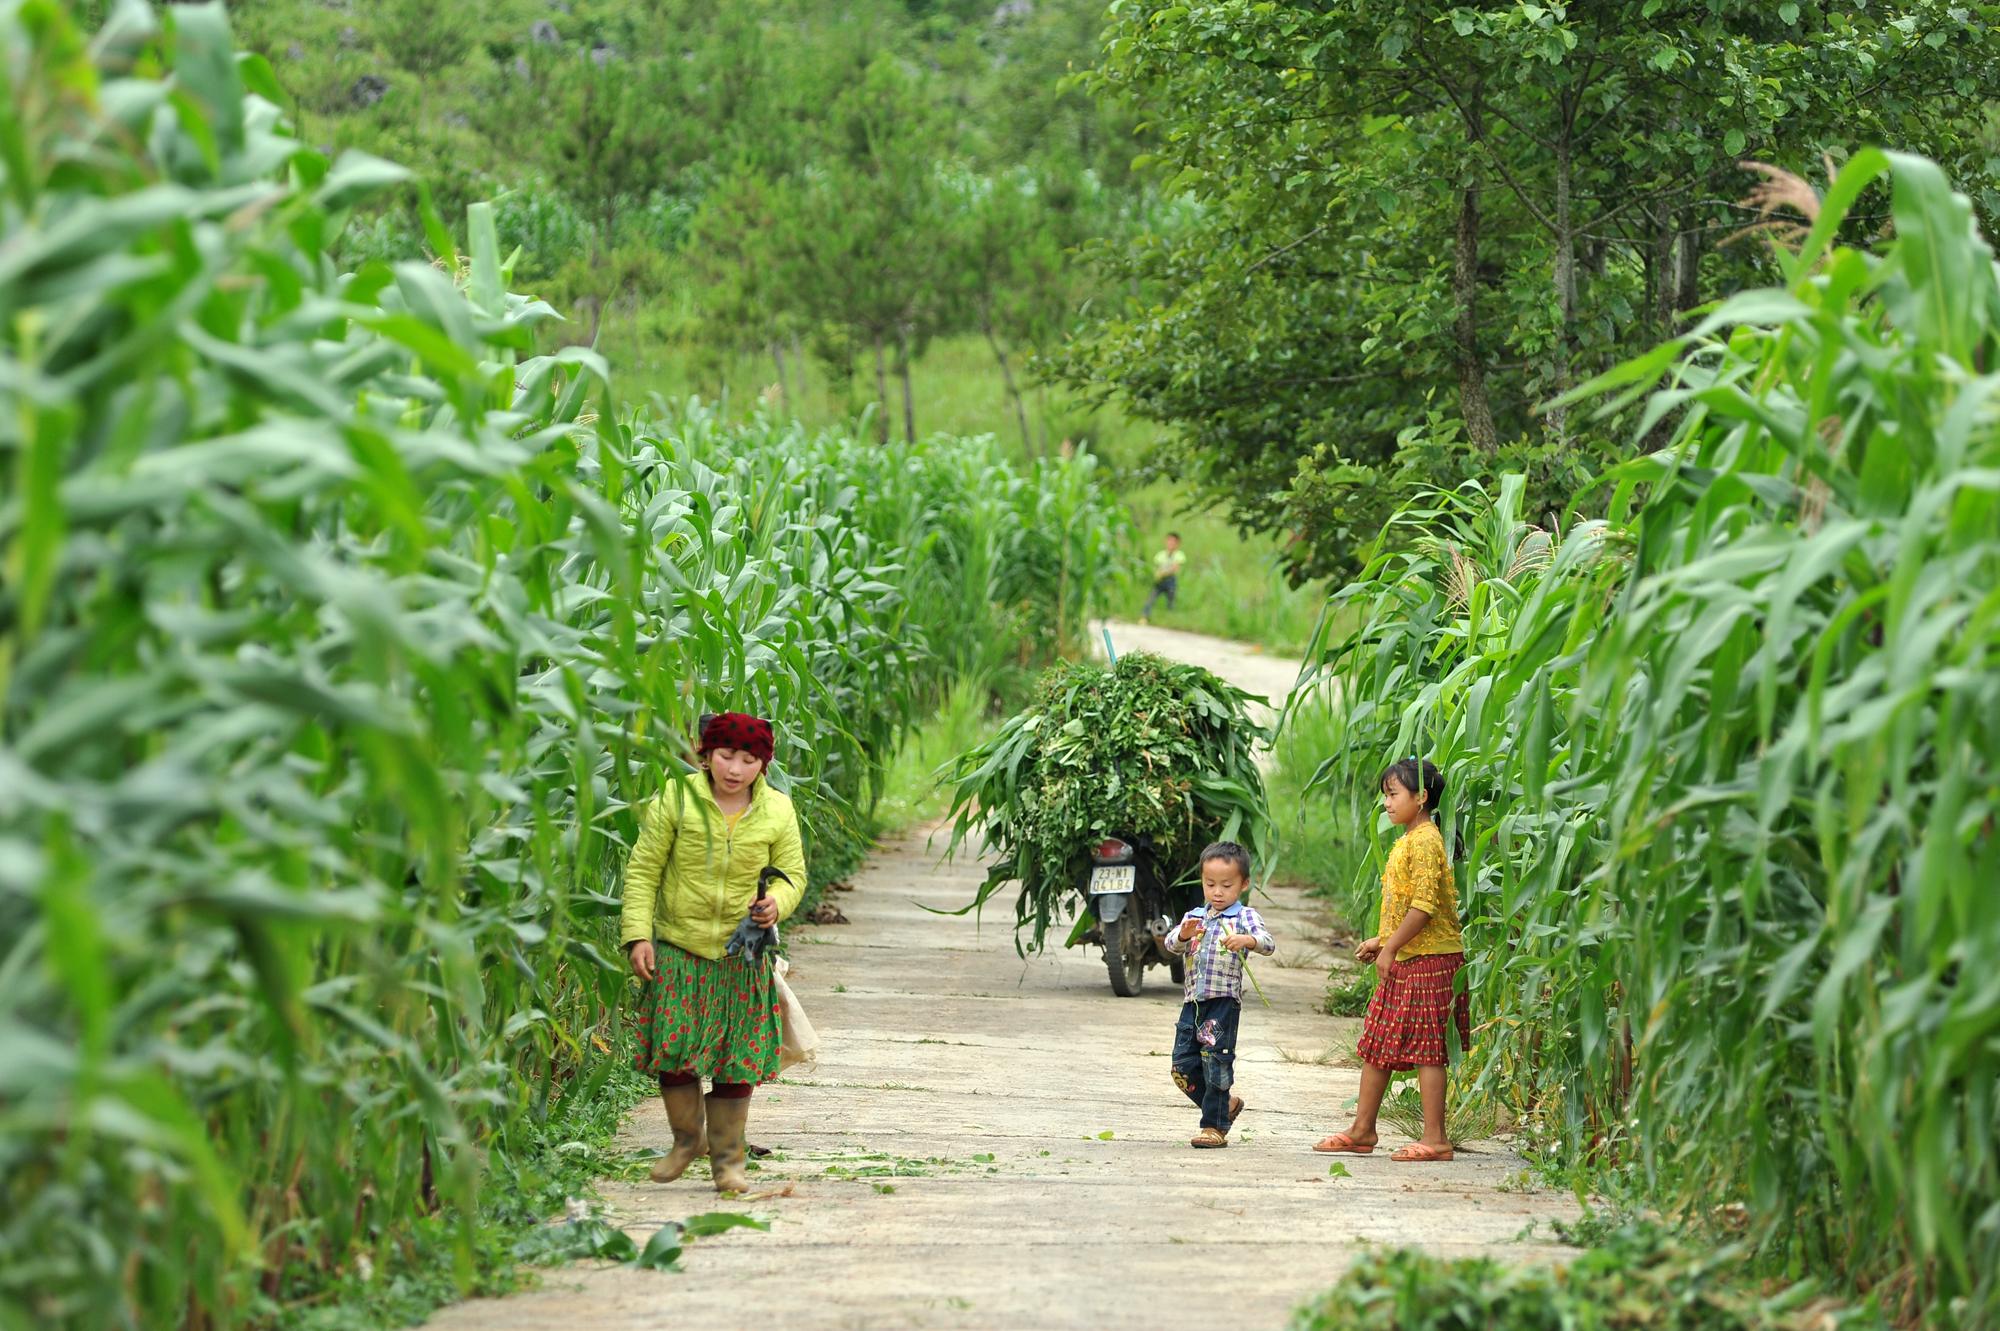 Dong Van corn fields dye rocky plateau green